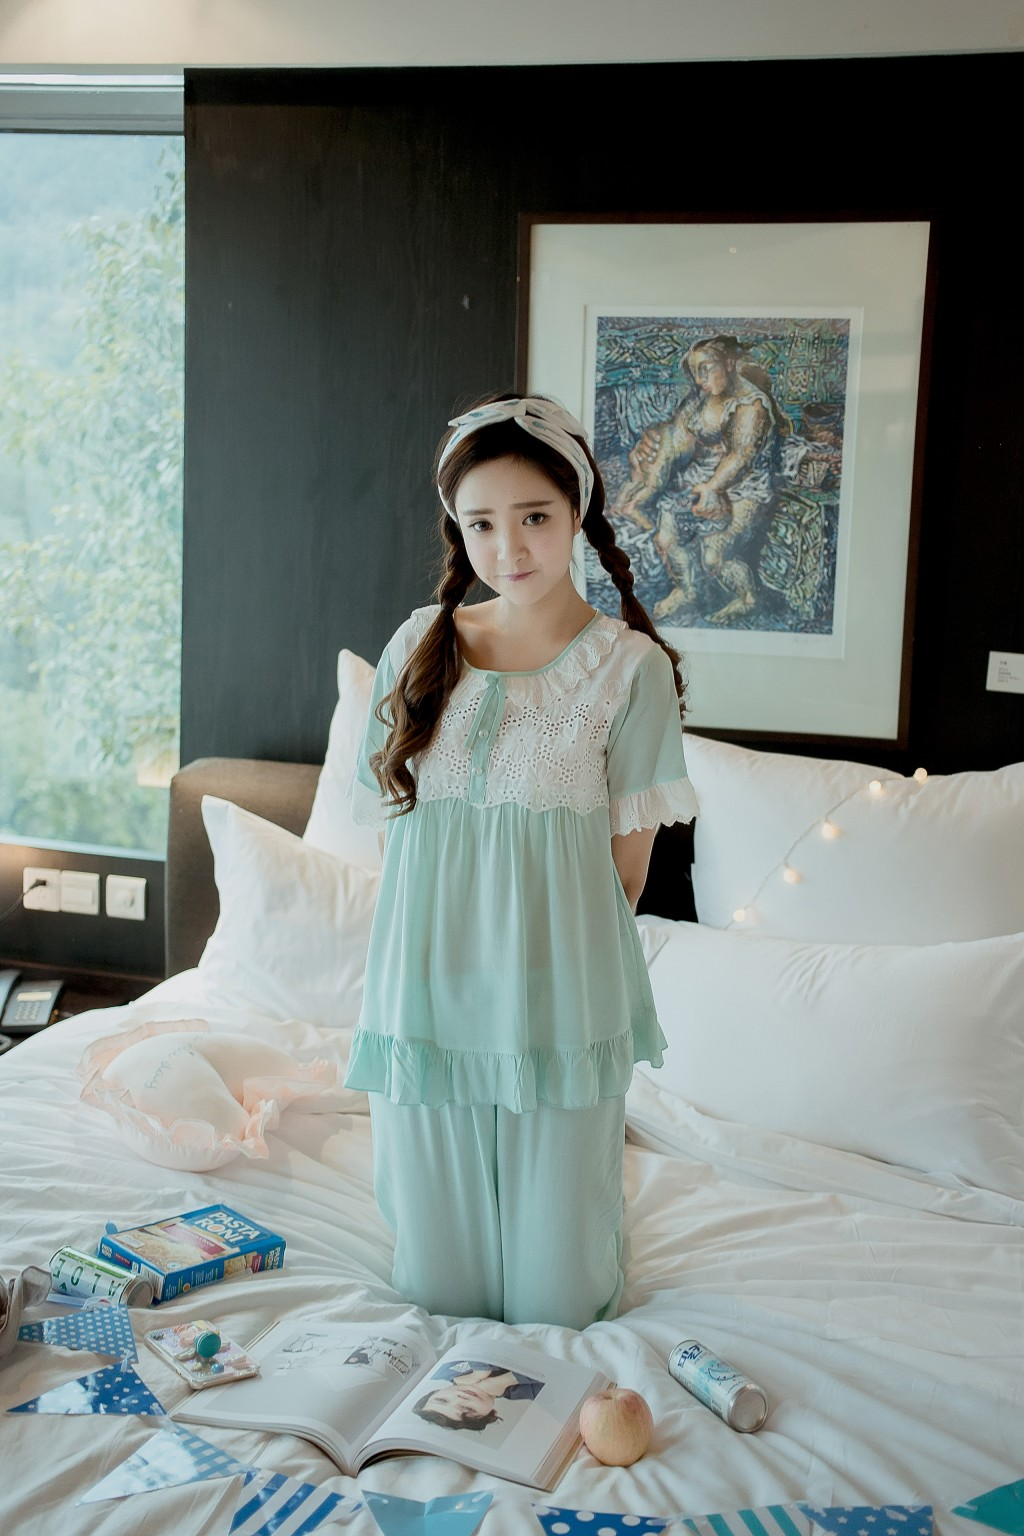 韩国可爱公主纯棉睡衣女夏季休闲清新甜美蕾丝短袖家居服套装夏天